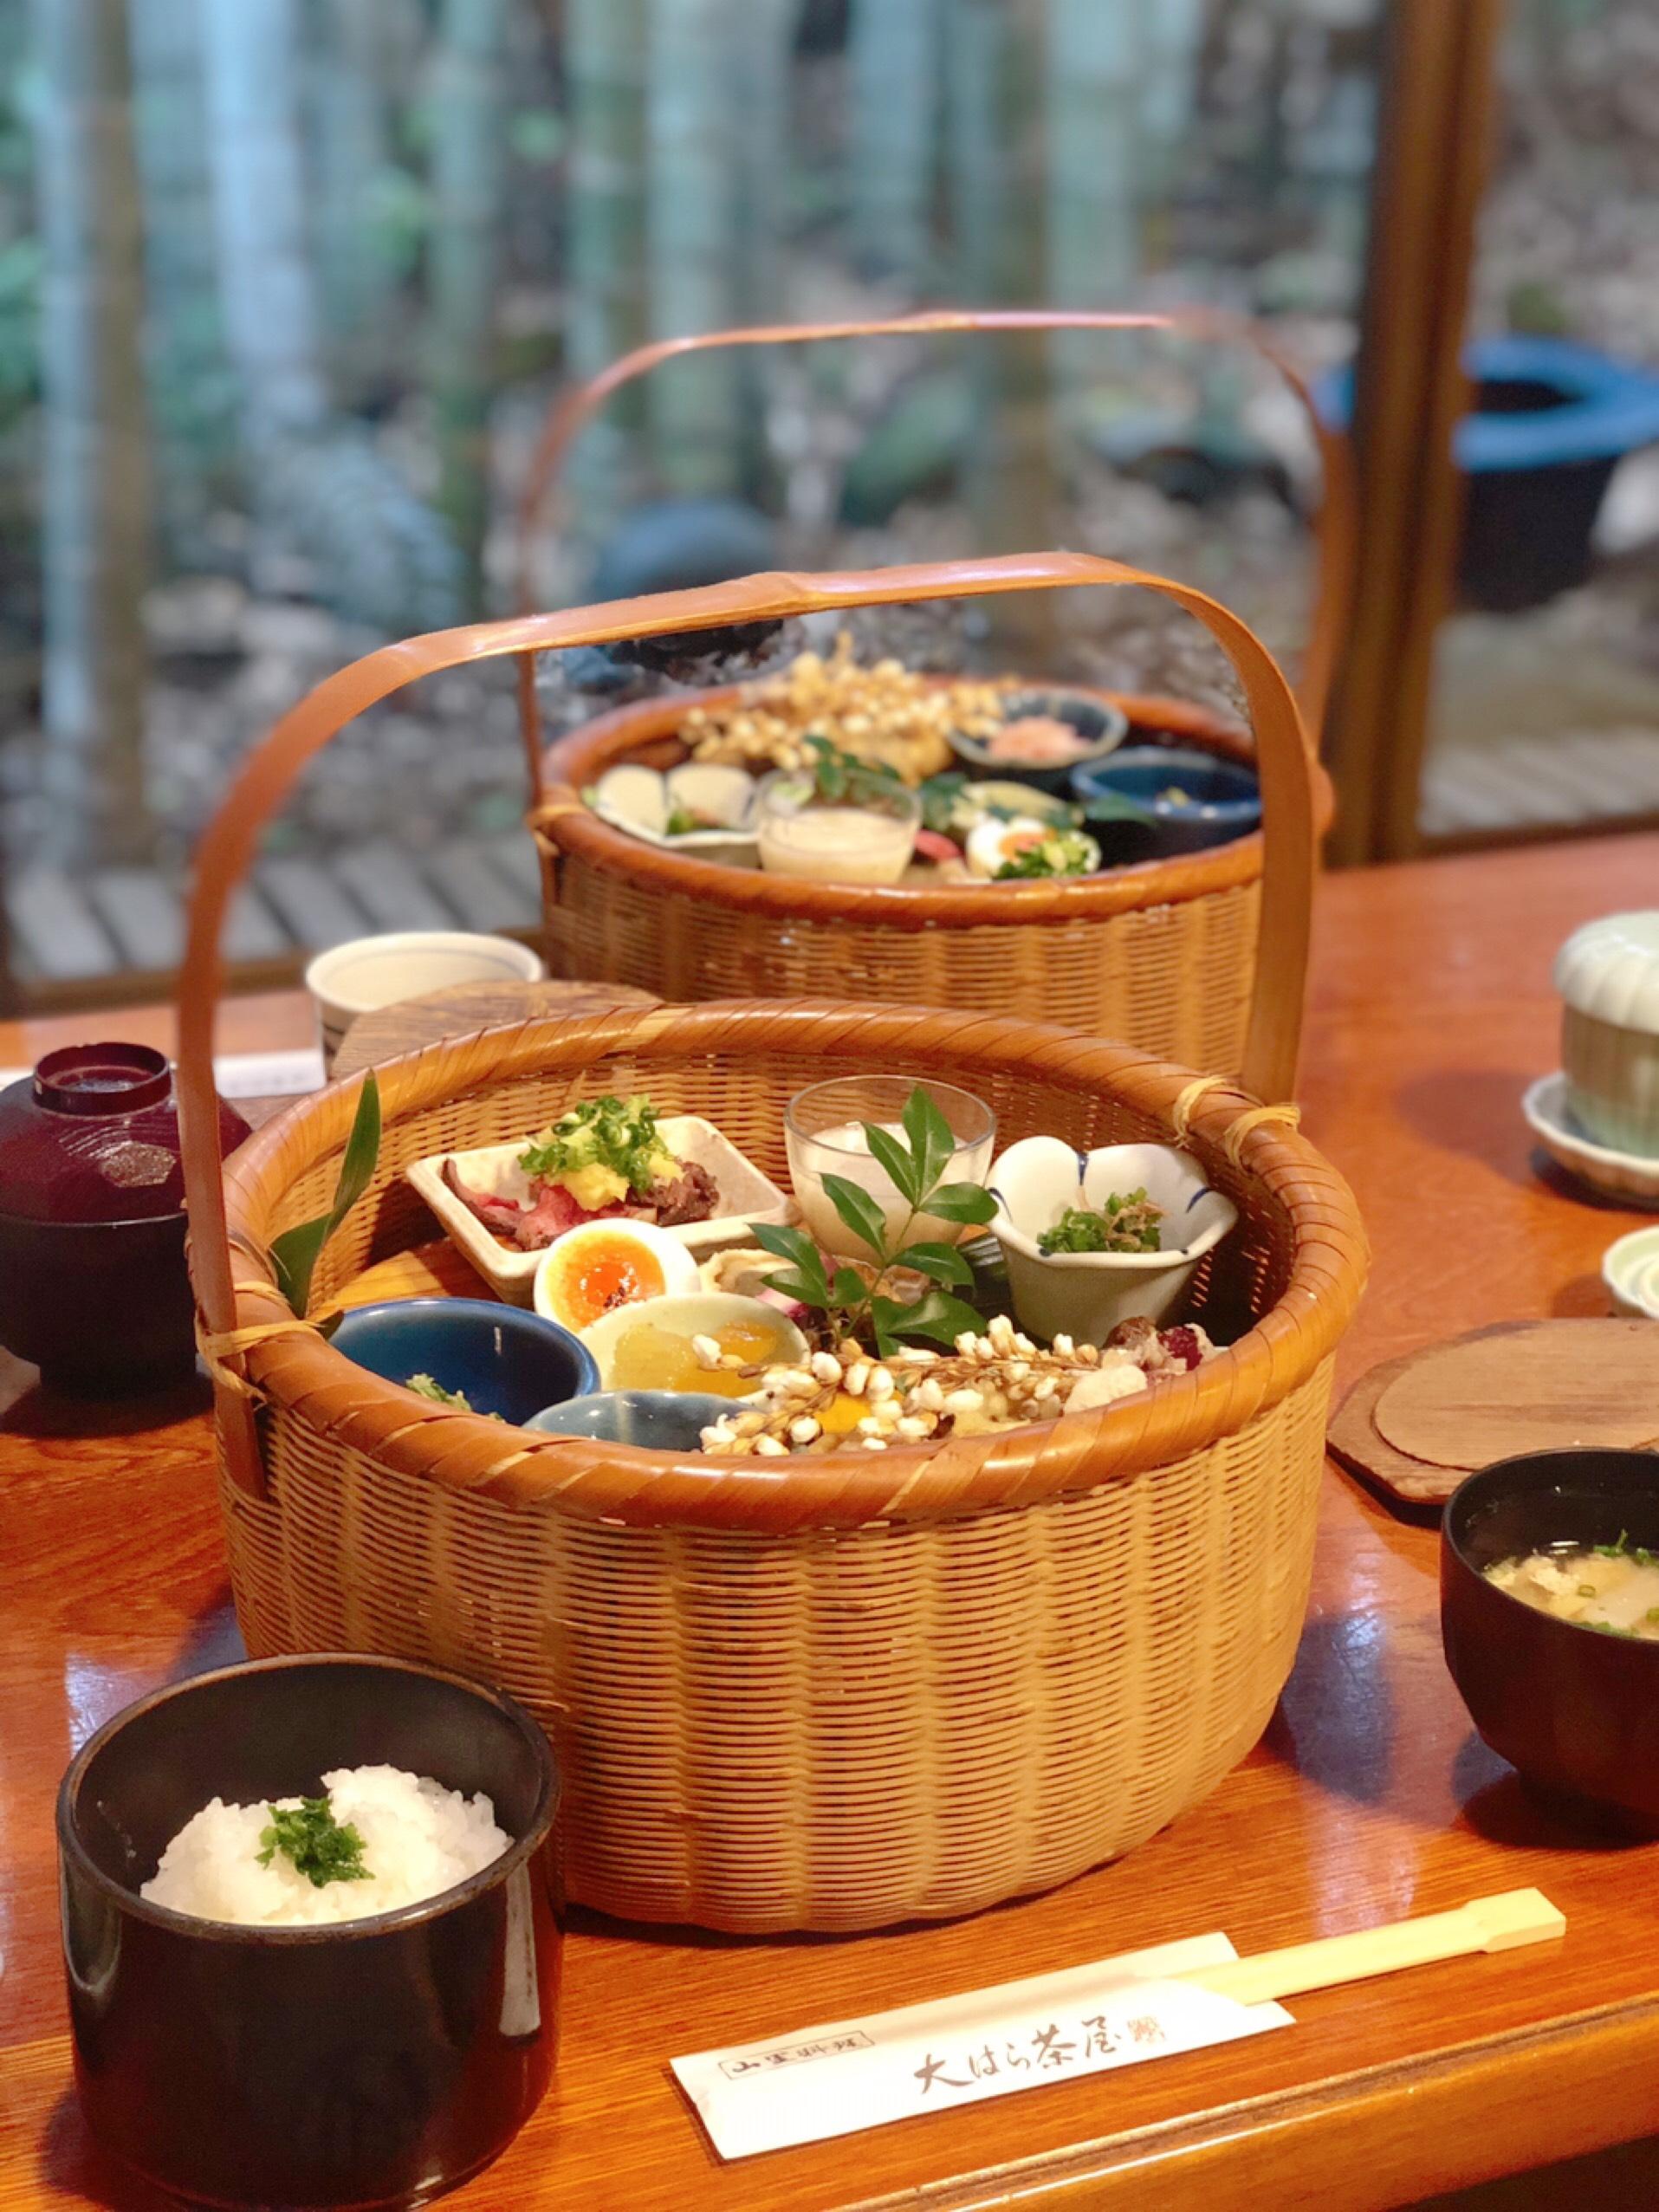 湯布院のロールケーキが人気のカフェと、日田市の「花てぼ弁当」が食べられる和食店へ♪【 #TOKYOPANDA のご当地モア・大分県編】_4